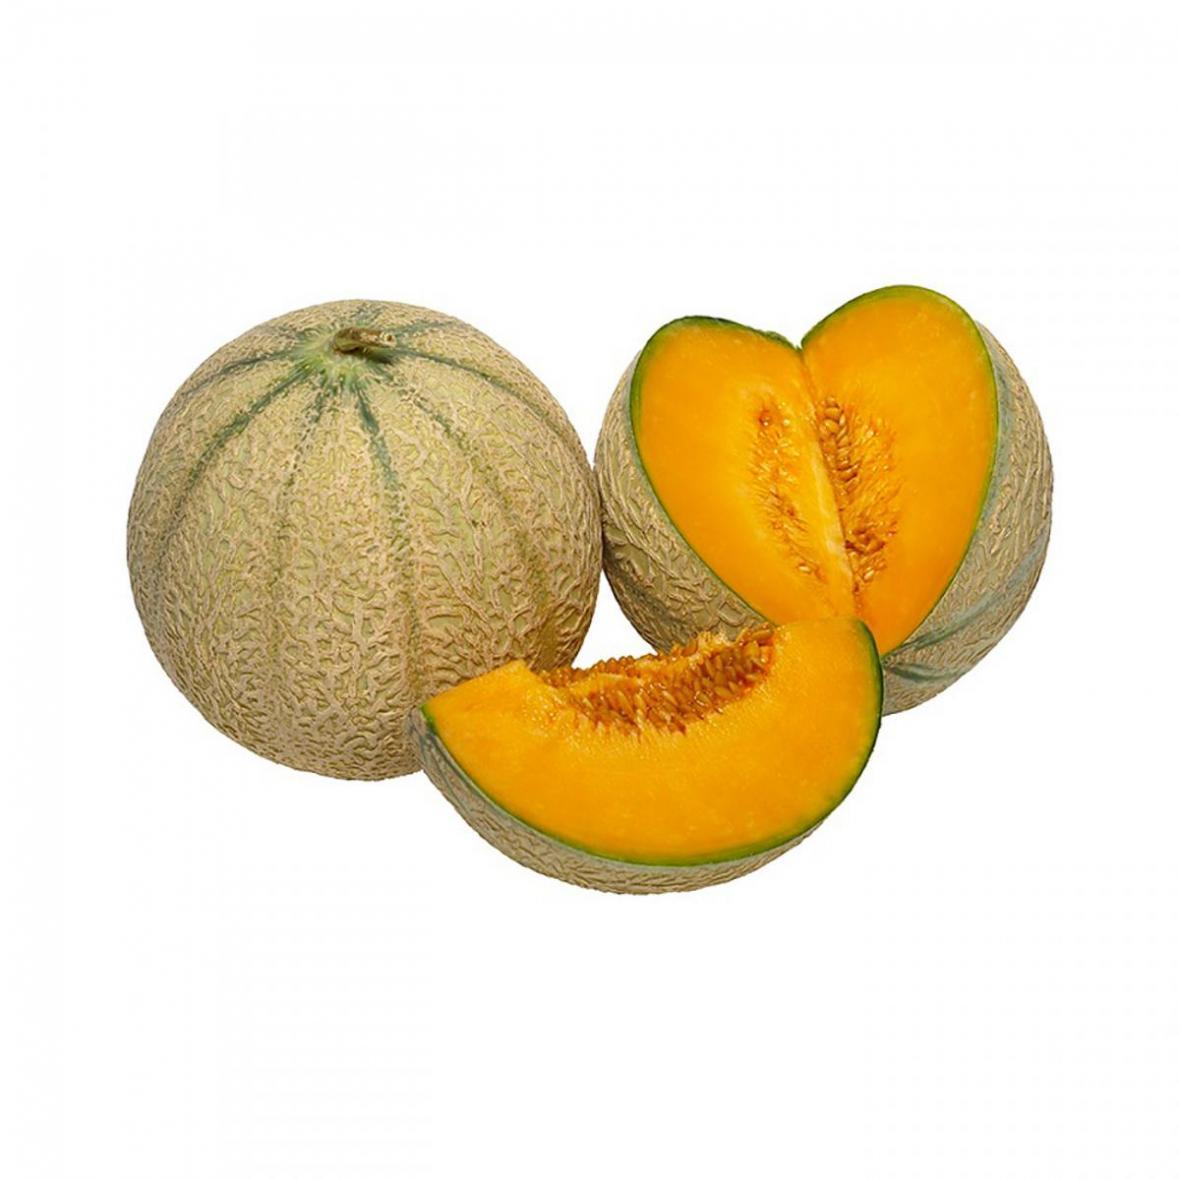 خواص میوه گرمک در طب سنتی